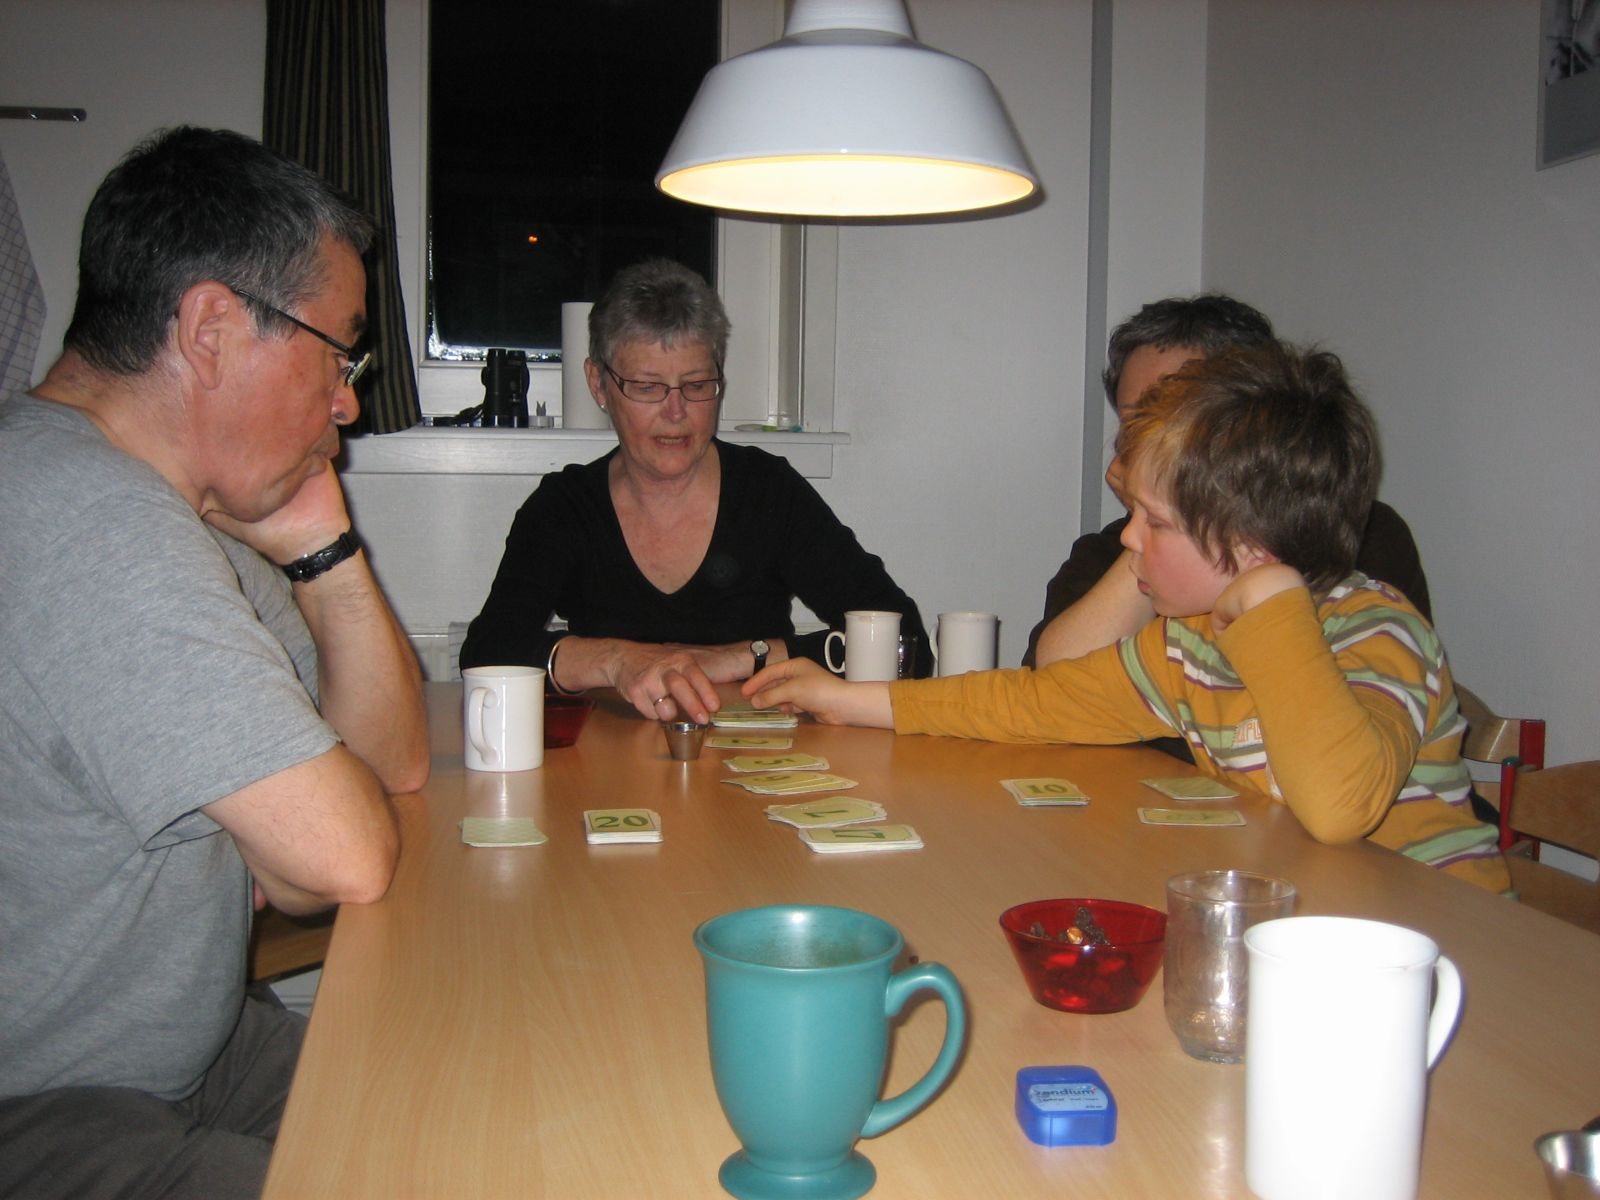 2009-04-04-2135_-_Rumle Labansen; Ruth Labansen